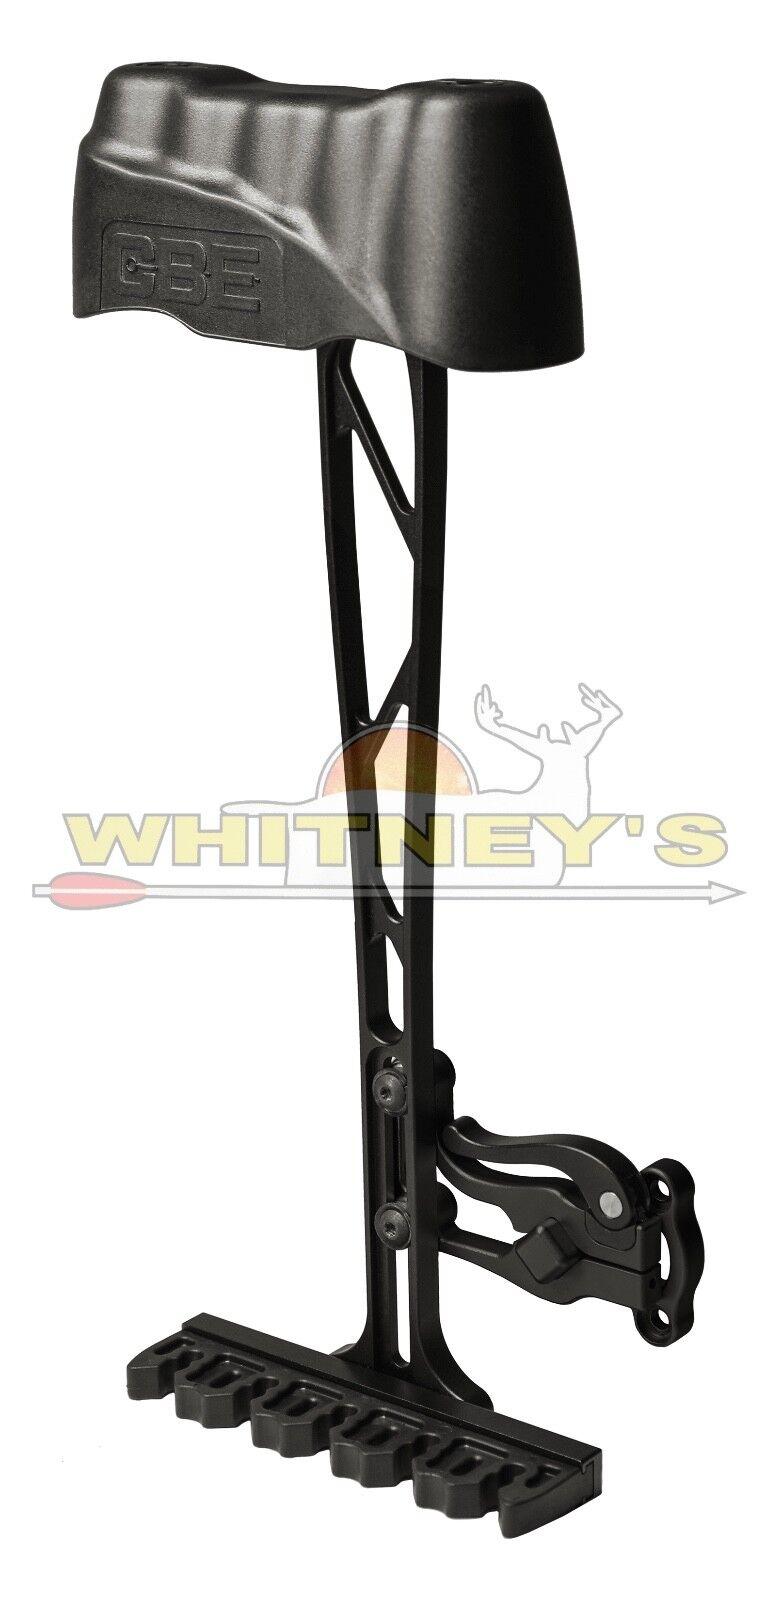 CBE Personalizado arco equiptment Mod 5 Cochecaj compacto negro se adapta a todas las cabezas anchas